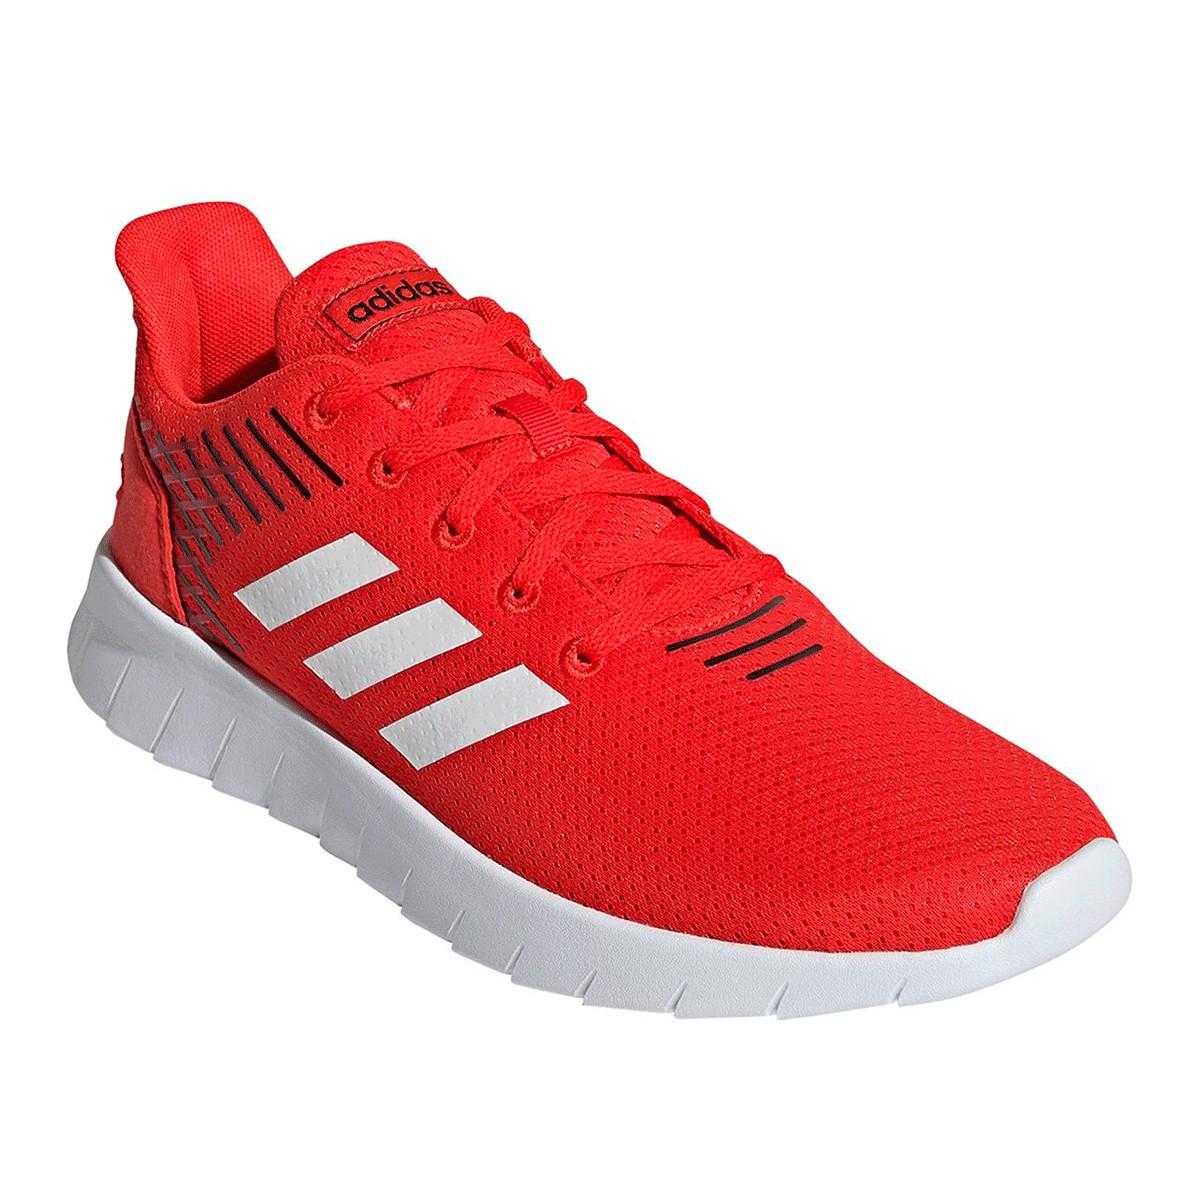 Tenis Adidas Asweerun Masculino Vermelho